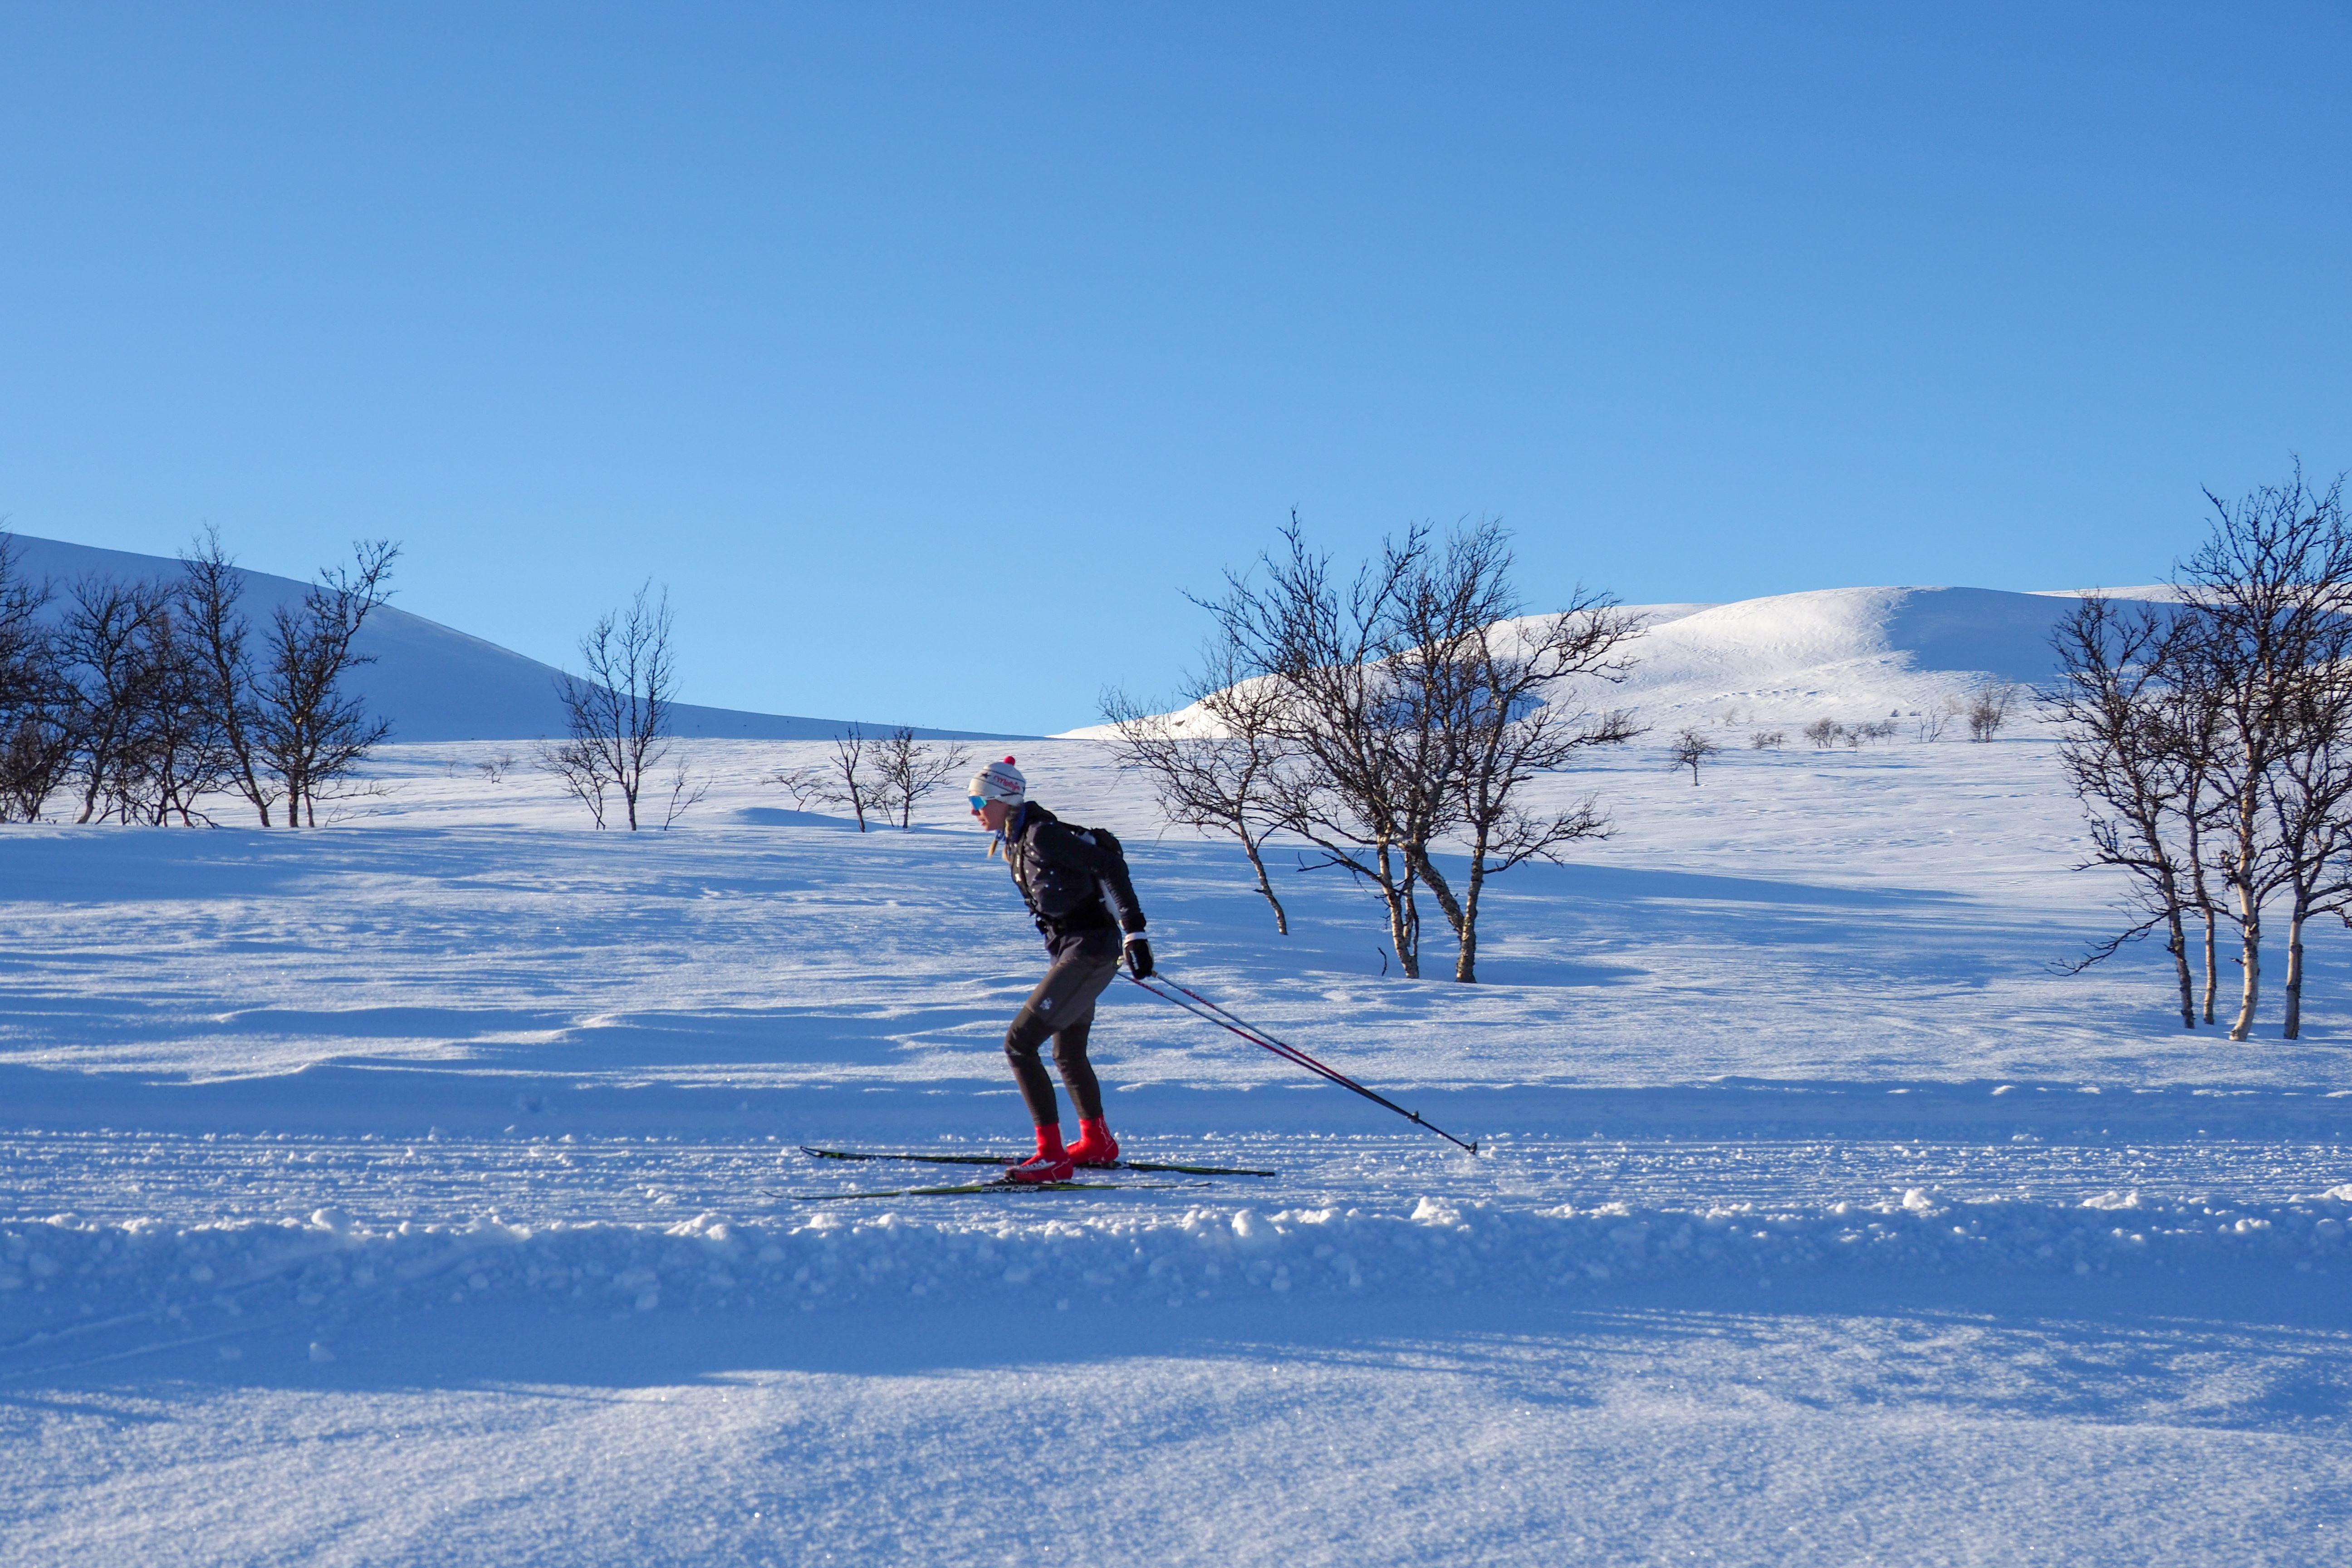 Mikaelas Skidskola - Personlig Träning Grupp skate